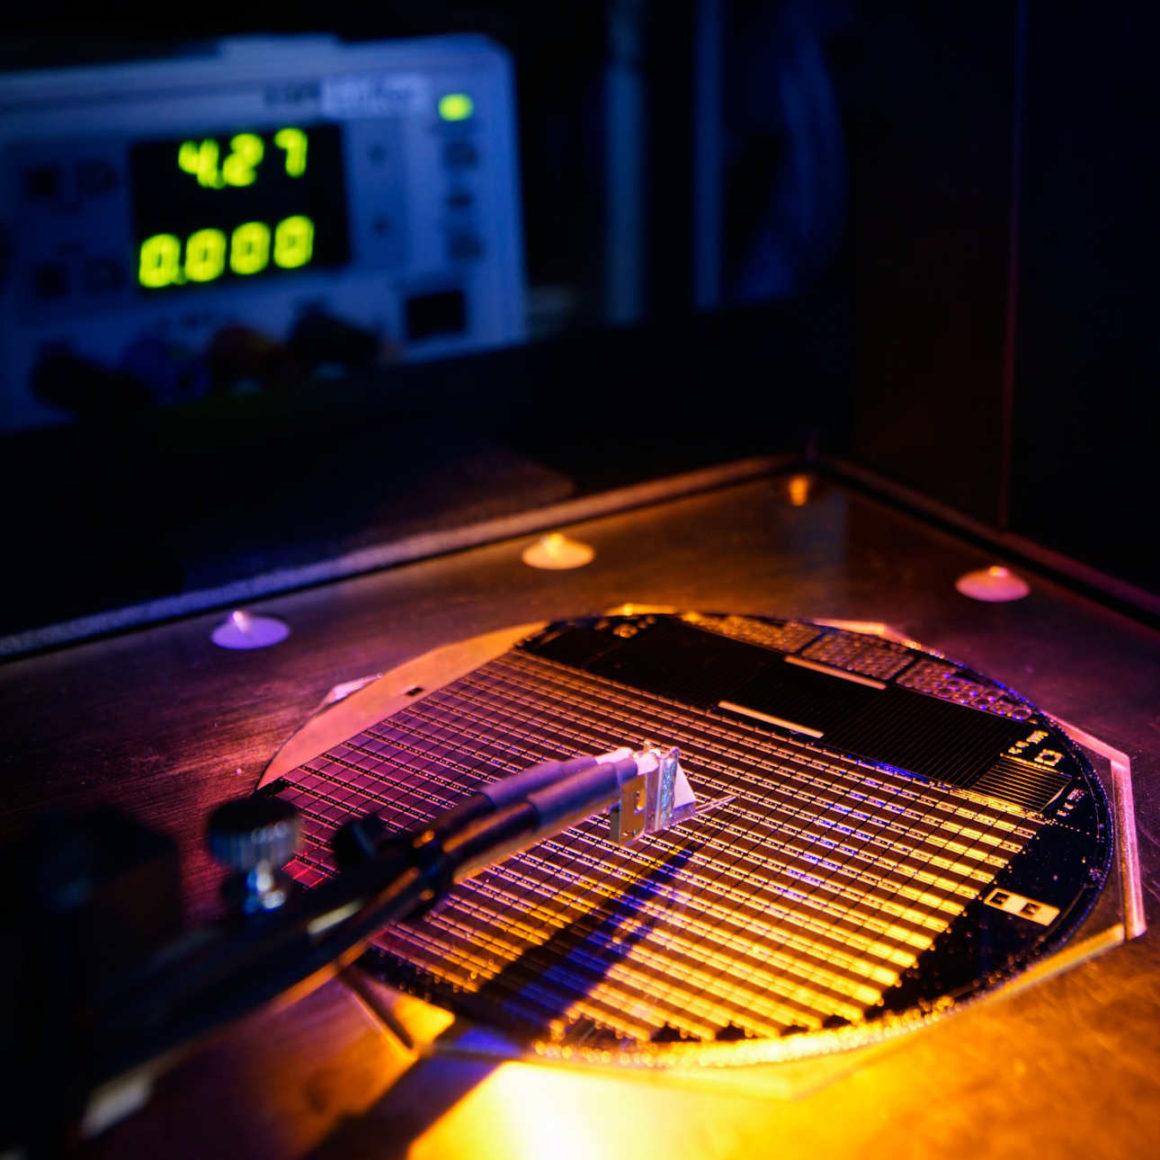 Solarzelle Weltrekord Fraunhofer ISE